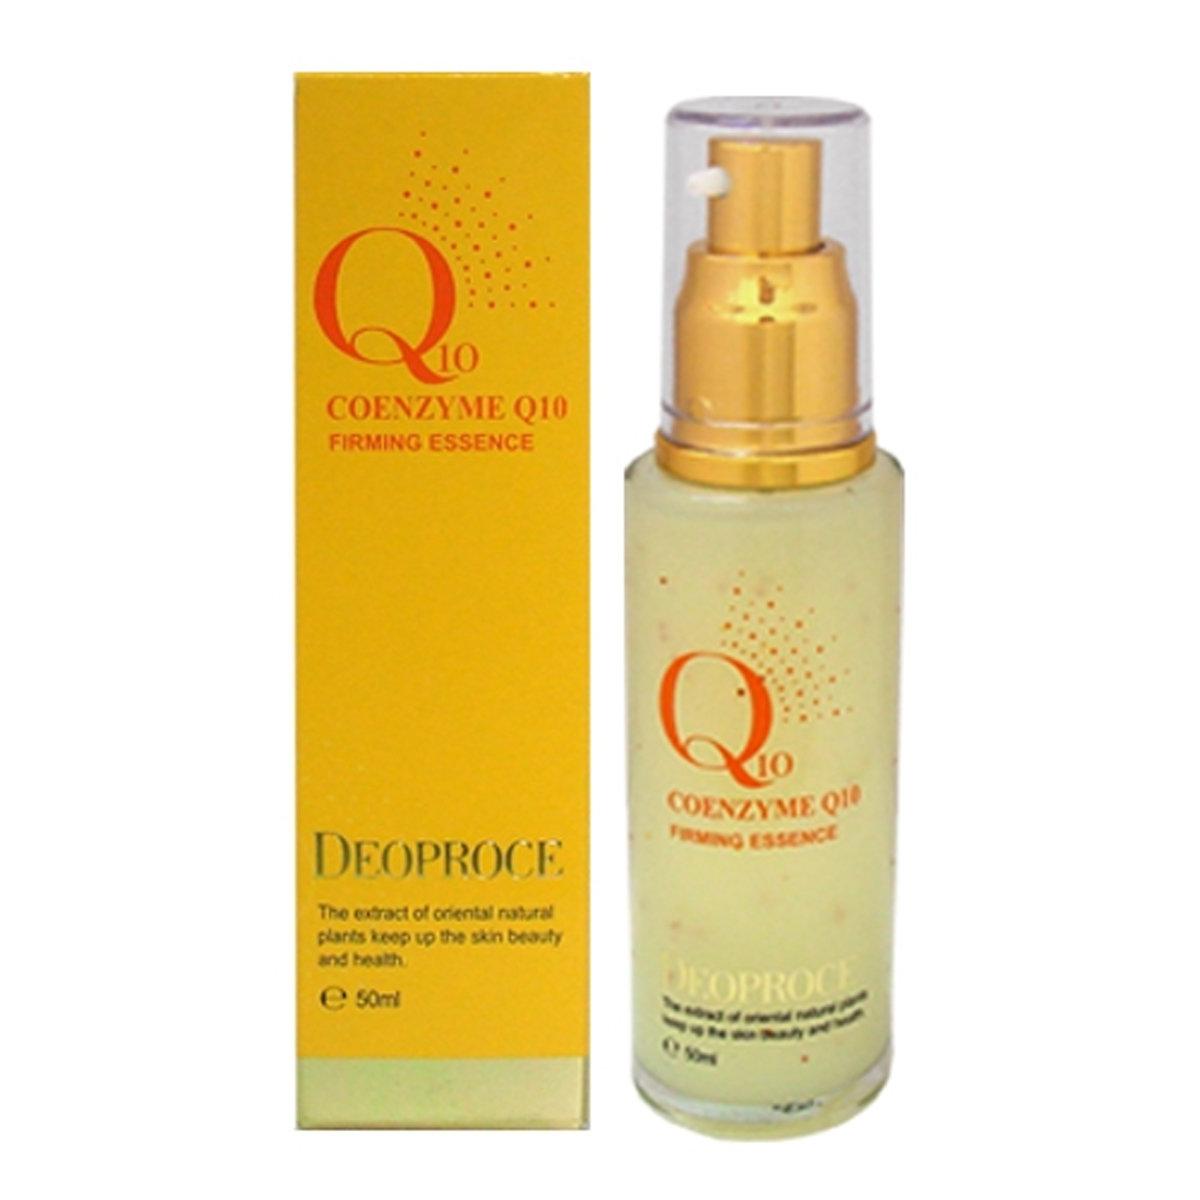 Укрепляющая, противовоспалительная сыворотка с Коэнзимом Q10 Deoproce Coenzyme Q10 firming essence